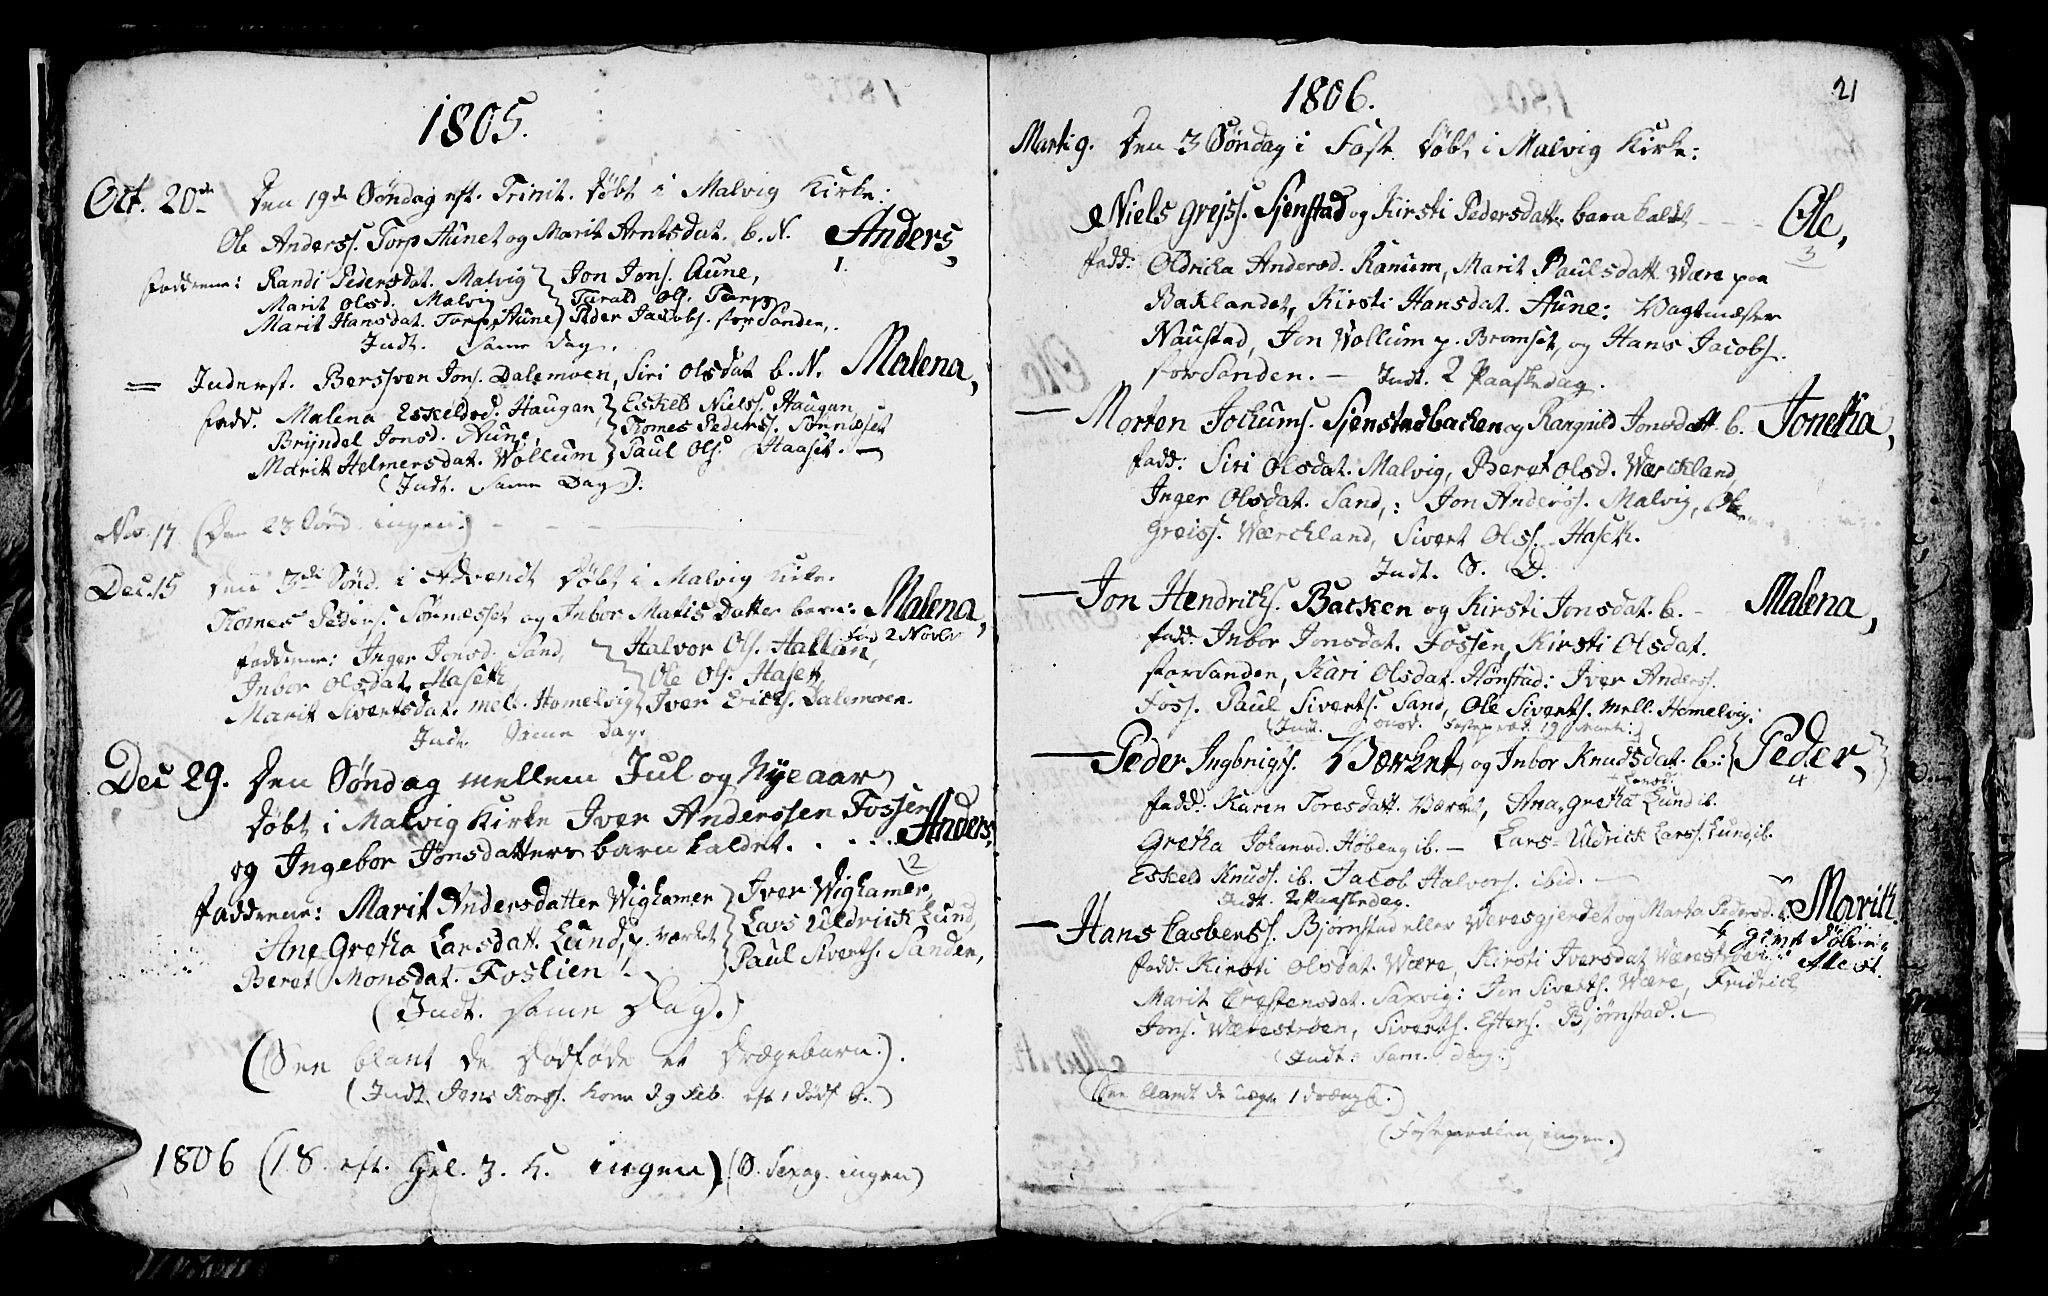 SAT, Ministerialprotokoller, klokkerbøker og fødselsregistre - Sør-Trøndelag, 616/L0419: Klokkerbok nr. 616C02, 1797-1816, s. 21